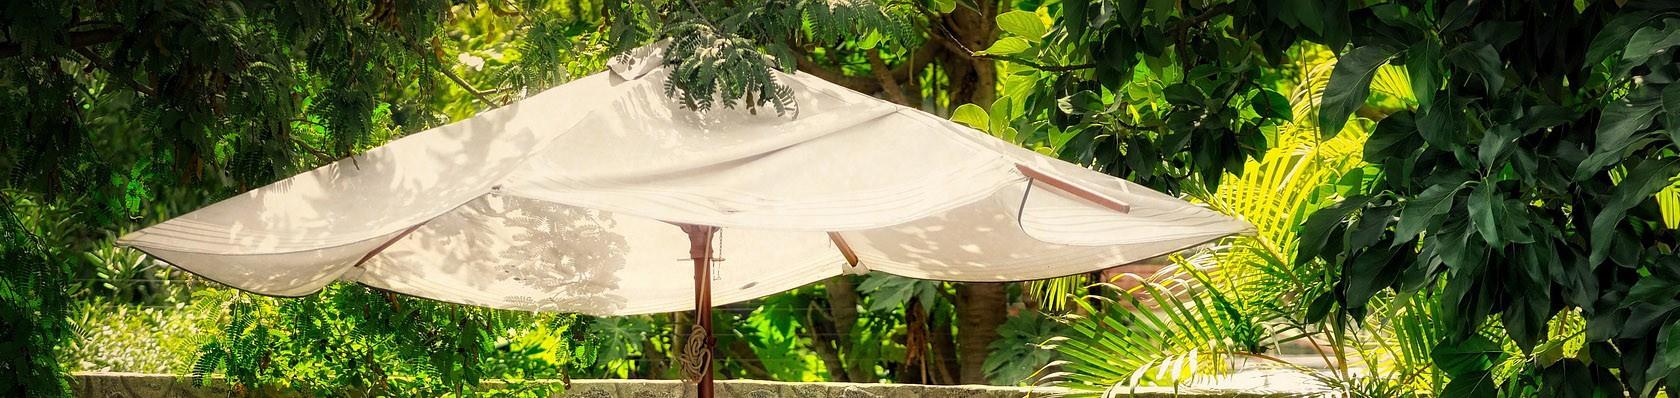 Sonnenschirme 250 cm Ø im Test auf ExpertenTesten.de